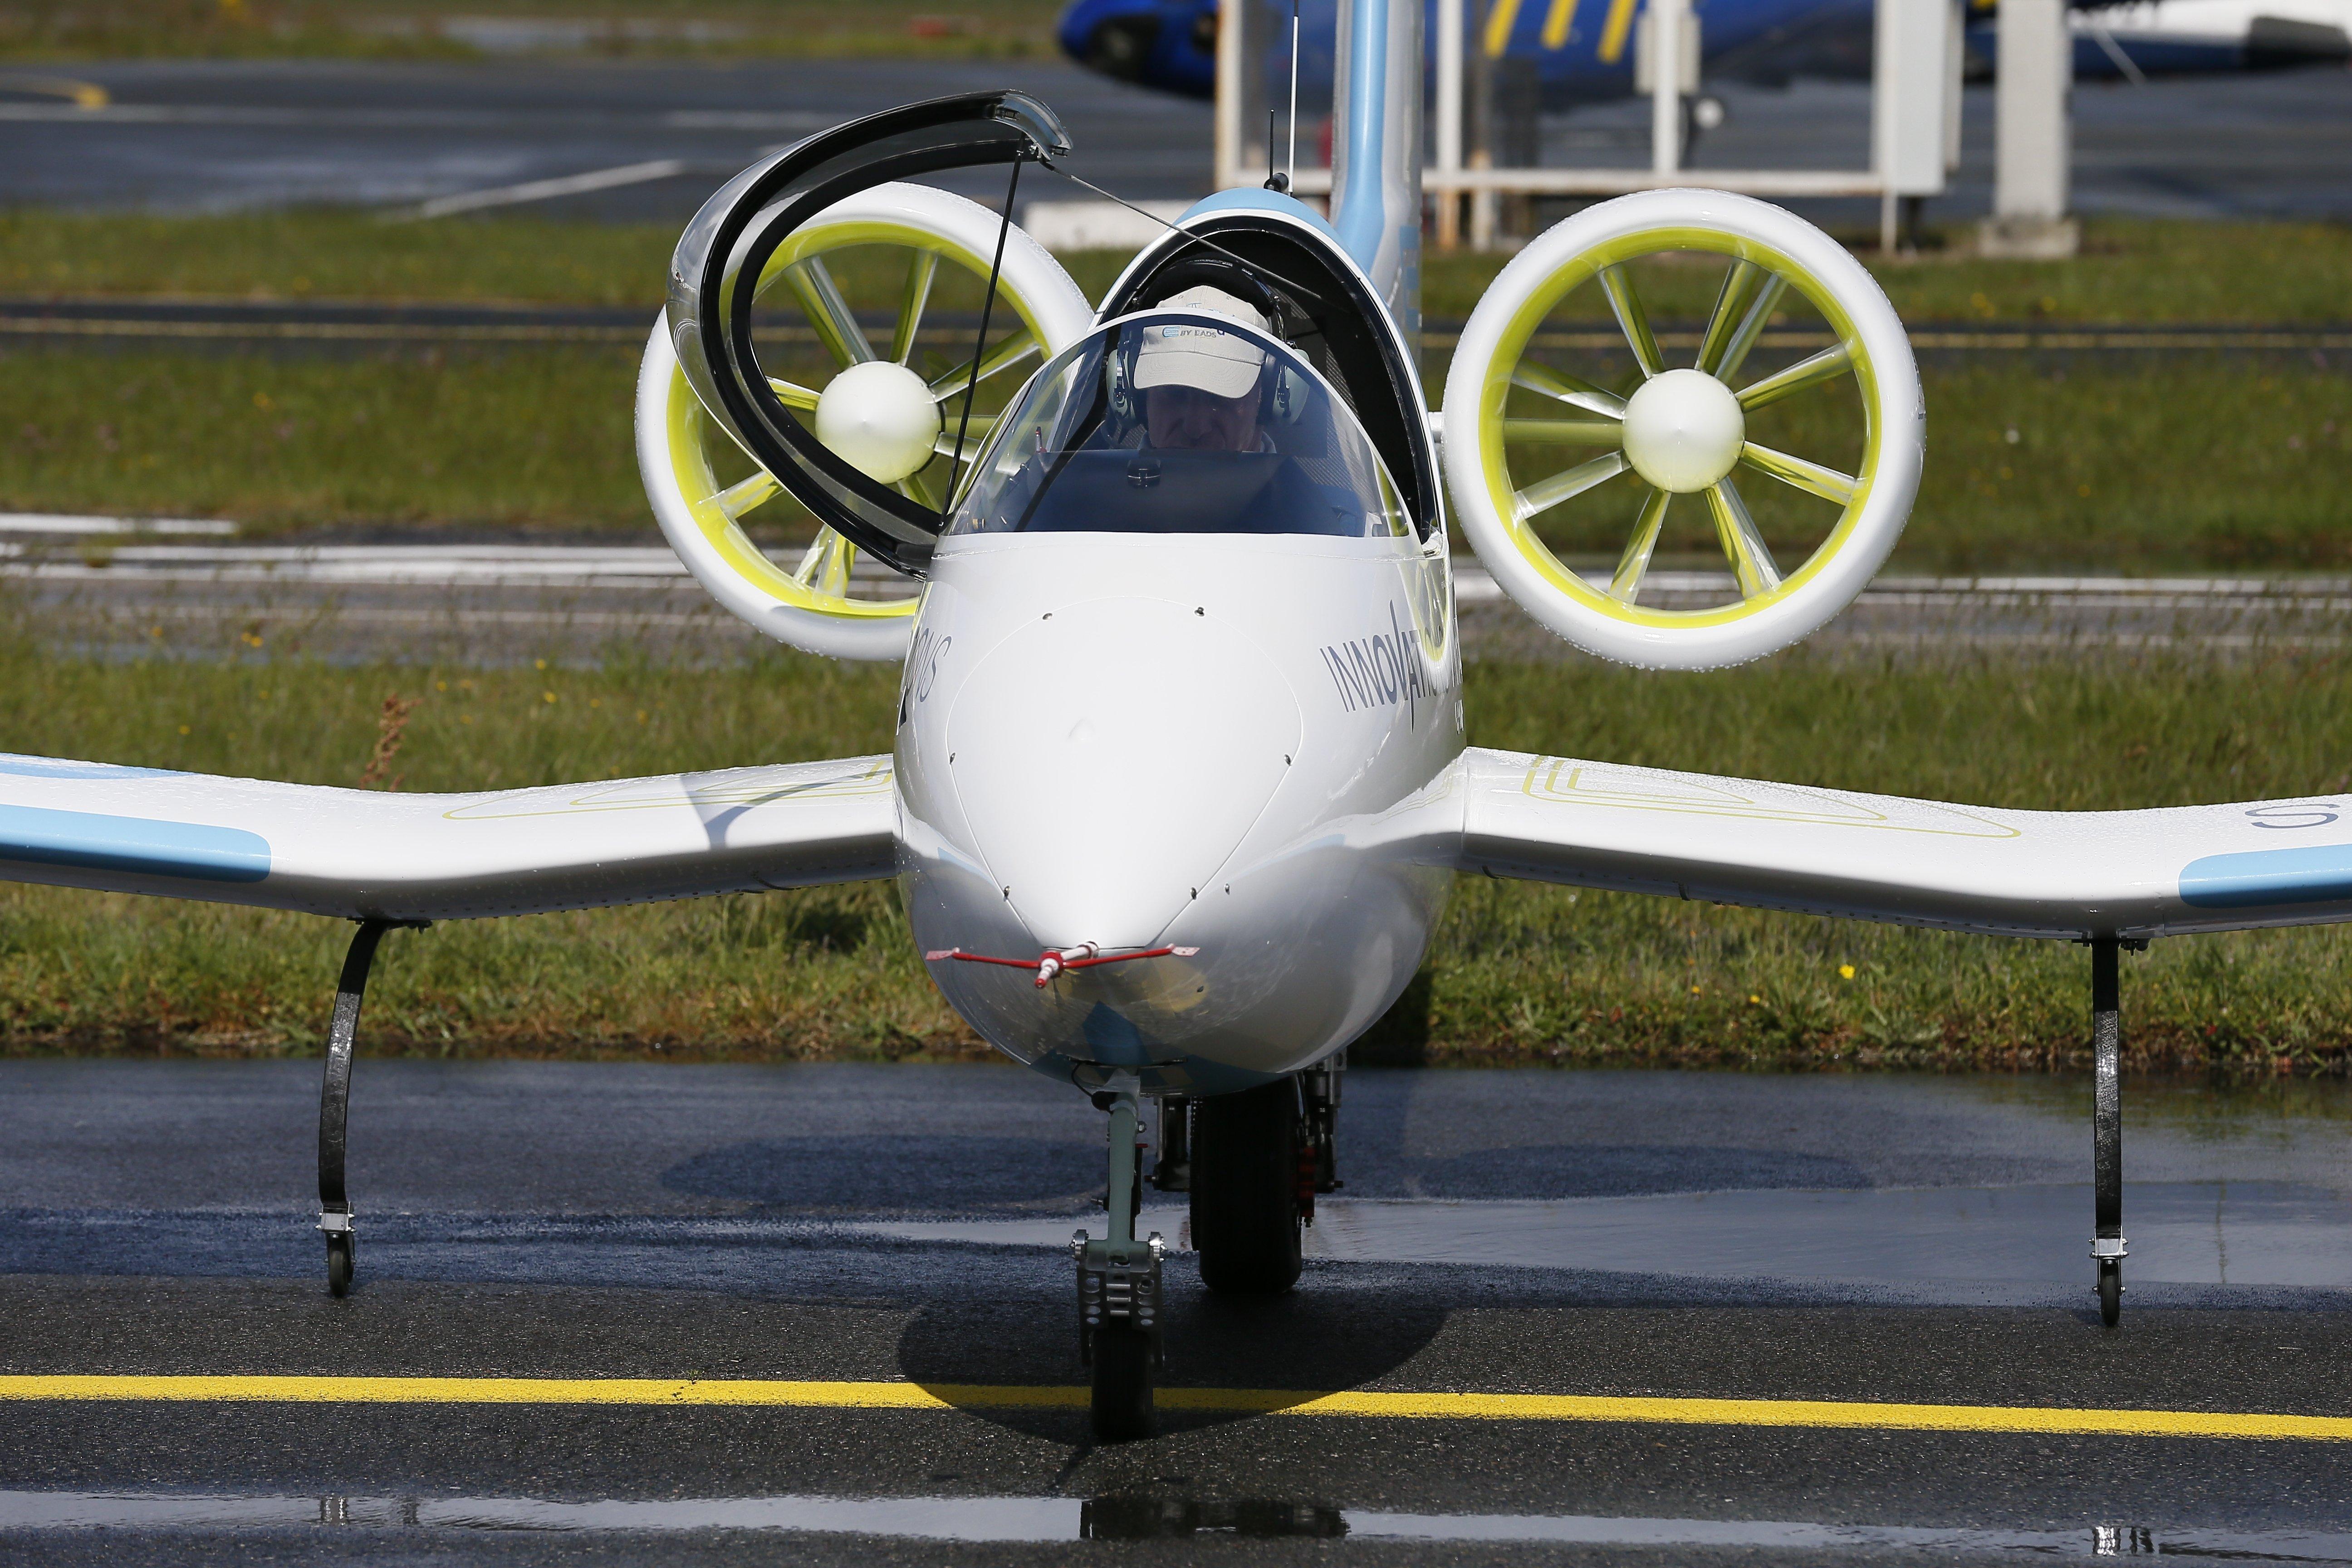 Die E-Fan von Airbus wird von zwei Rotoren angetrieben, die am hinteren Rumpf befestigt sind. Bei 60 km/h hebt die E-Fan ab.